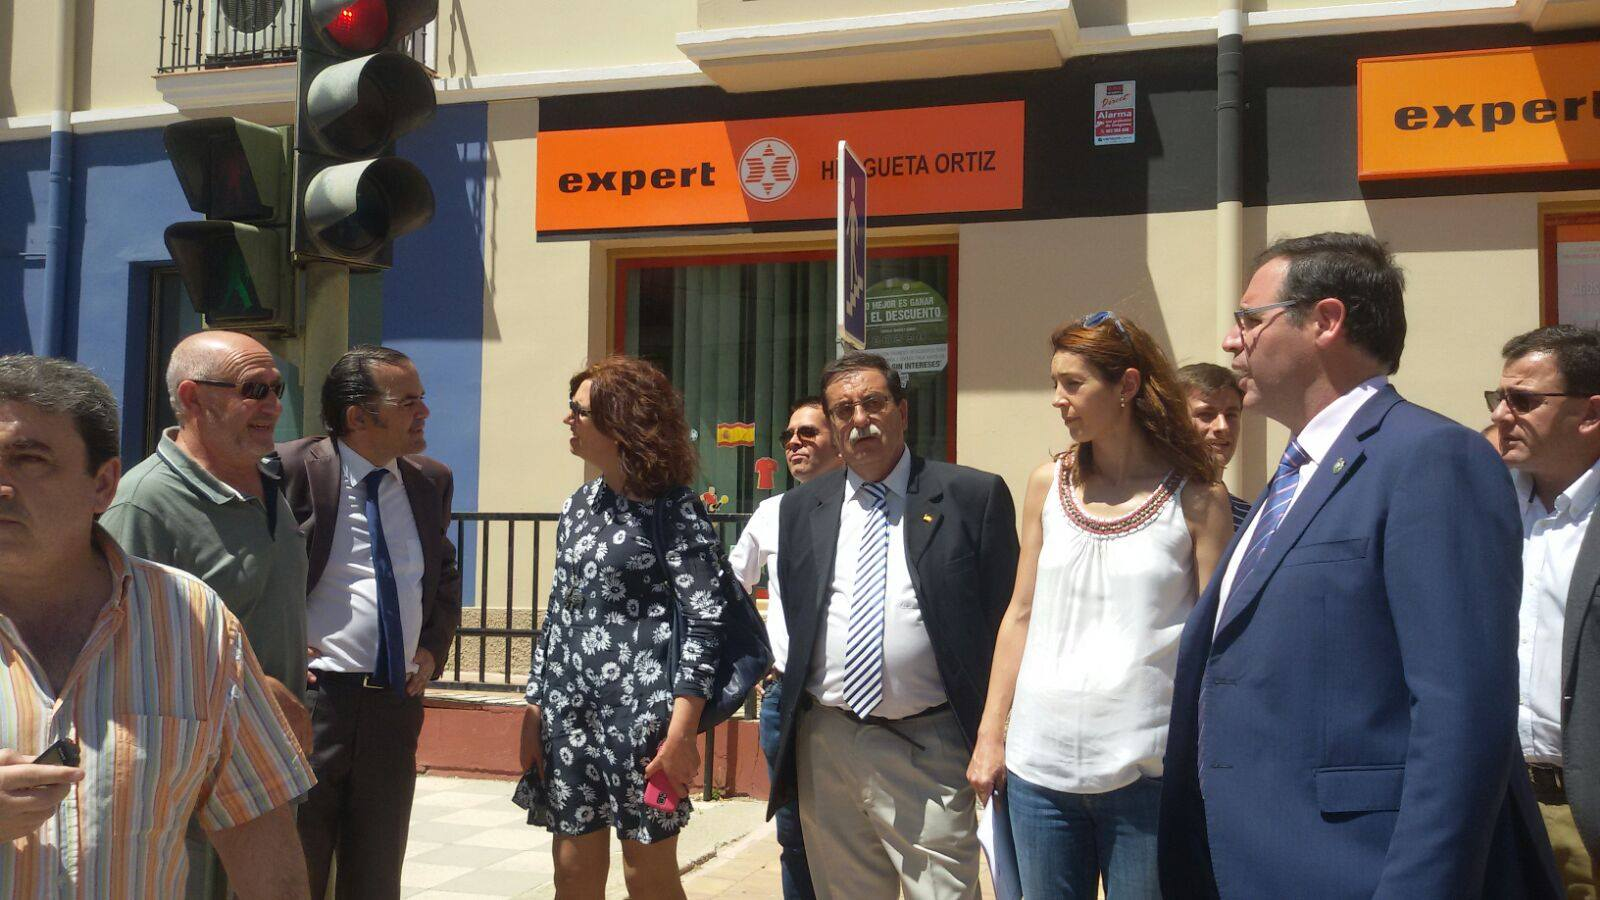 Visita San Clemente Del. gobierno, presidente Diputación de Cuenca